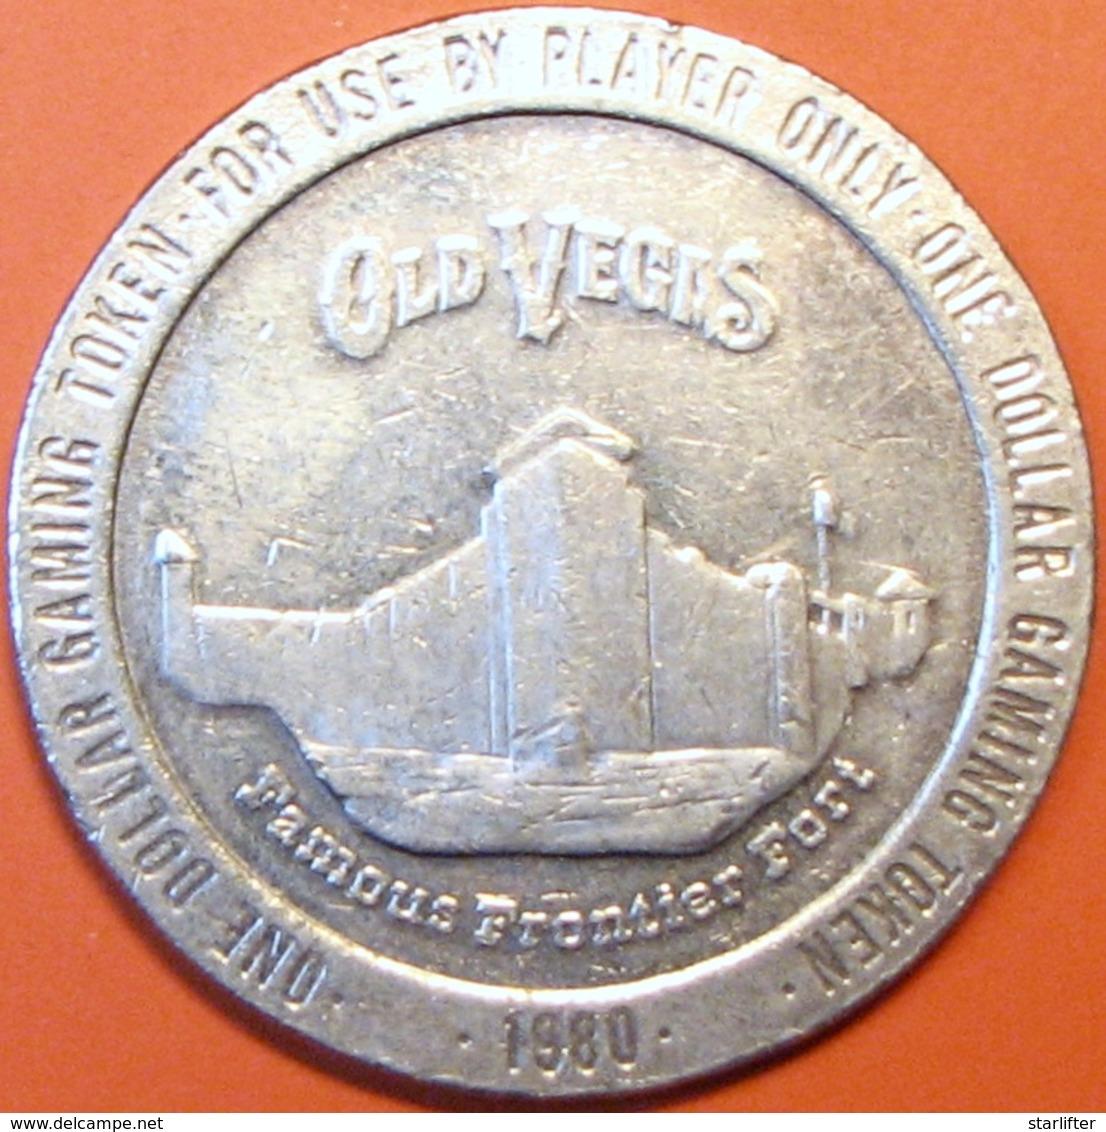 $1 Casino Token. Old Vegas, Las Vegas, NV. 1980. D67. - Casino